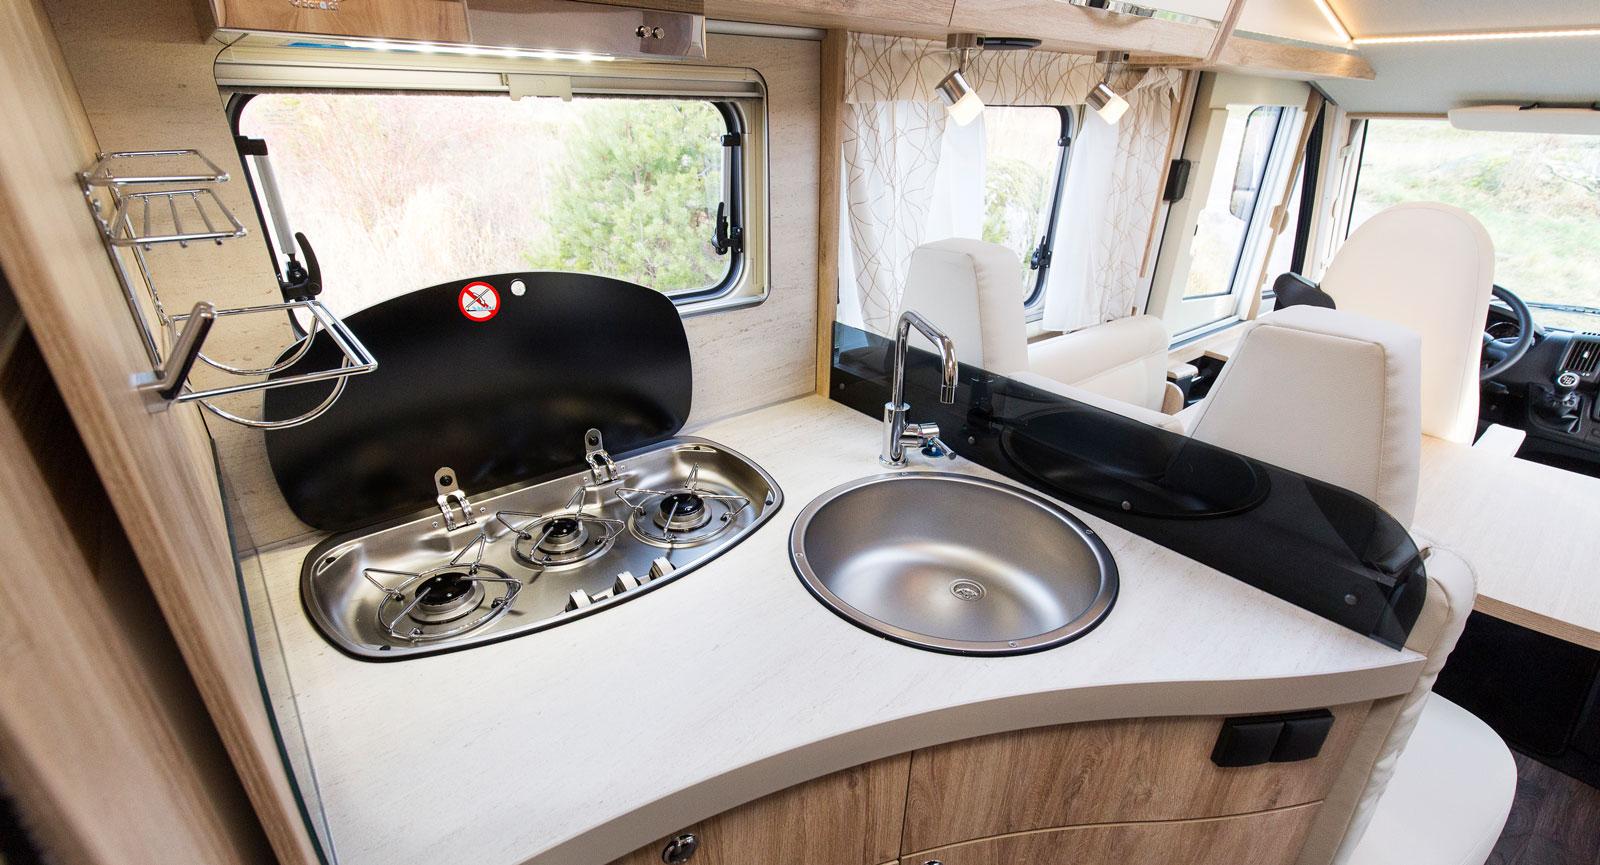 Köket känns ergonomiskt utformat med sköna kurvor. Tre lågor  på rad vid fönstret med fläkt ovanför ökar chanserna att få bort os.